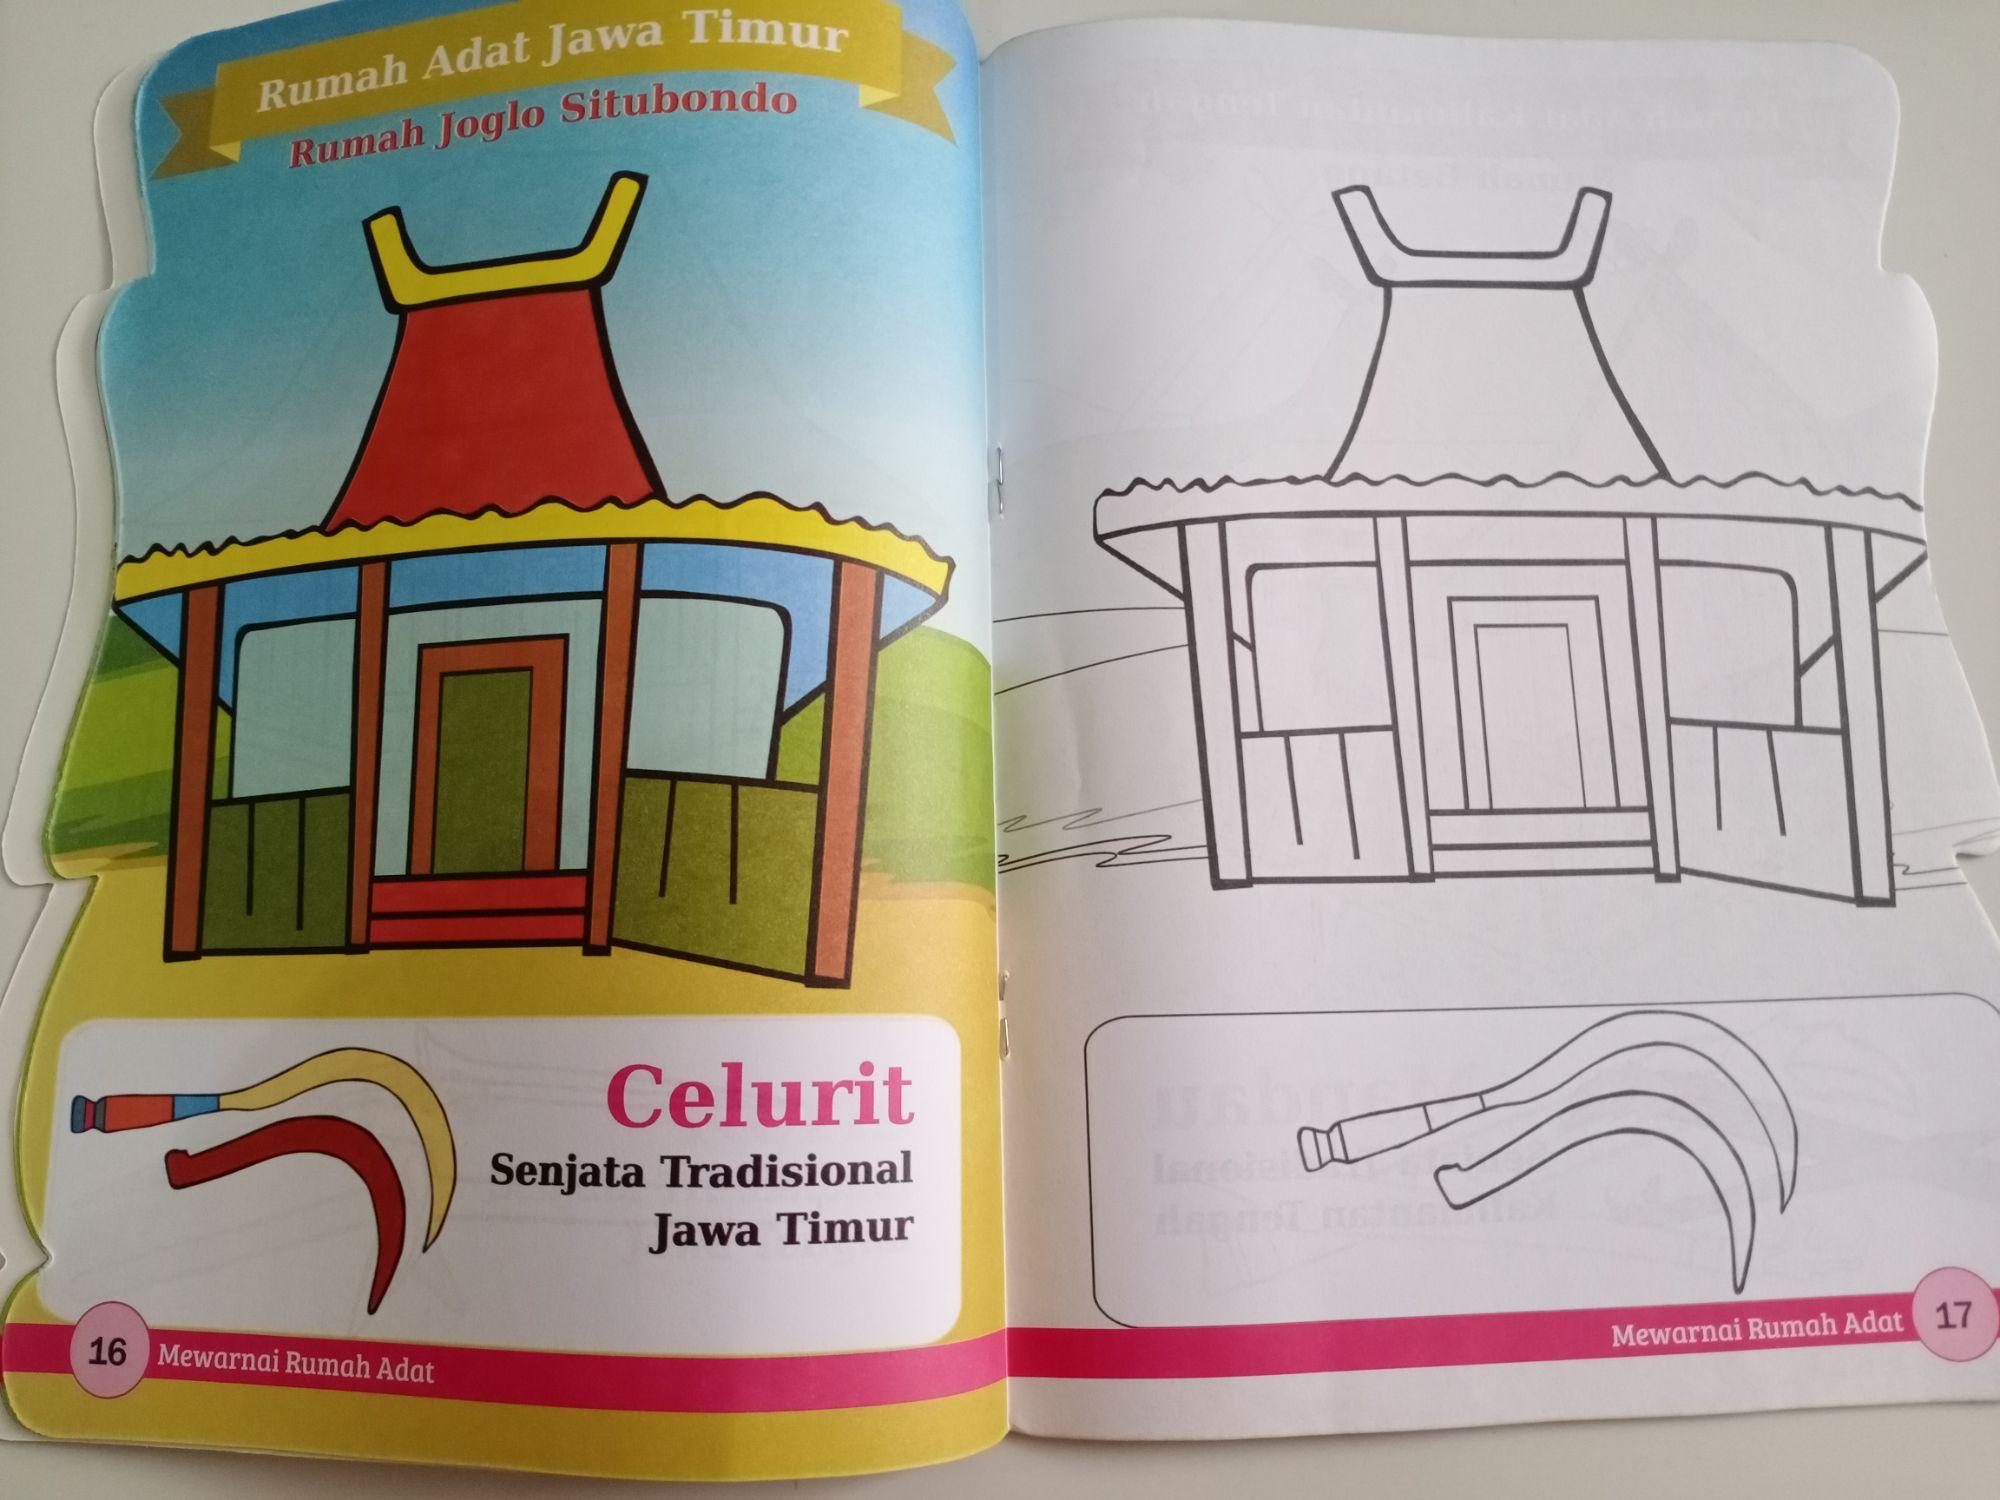 Buku Mewarnai Rumah Adat Daffa Media Lazada Indonesia